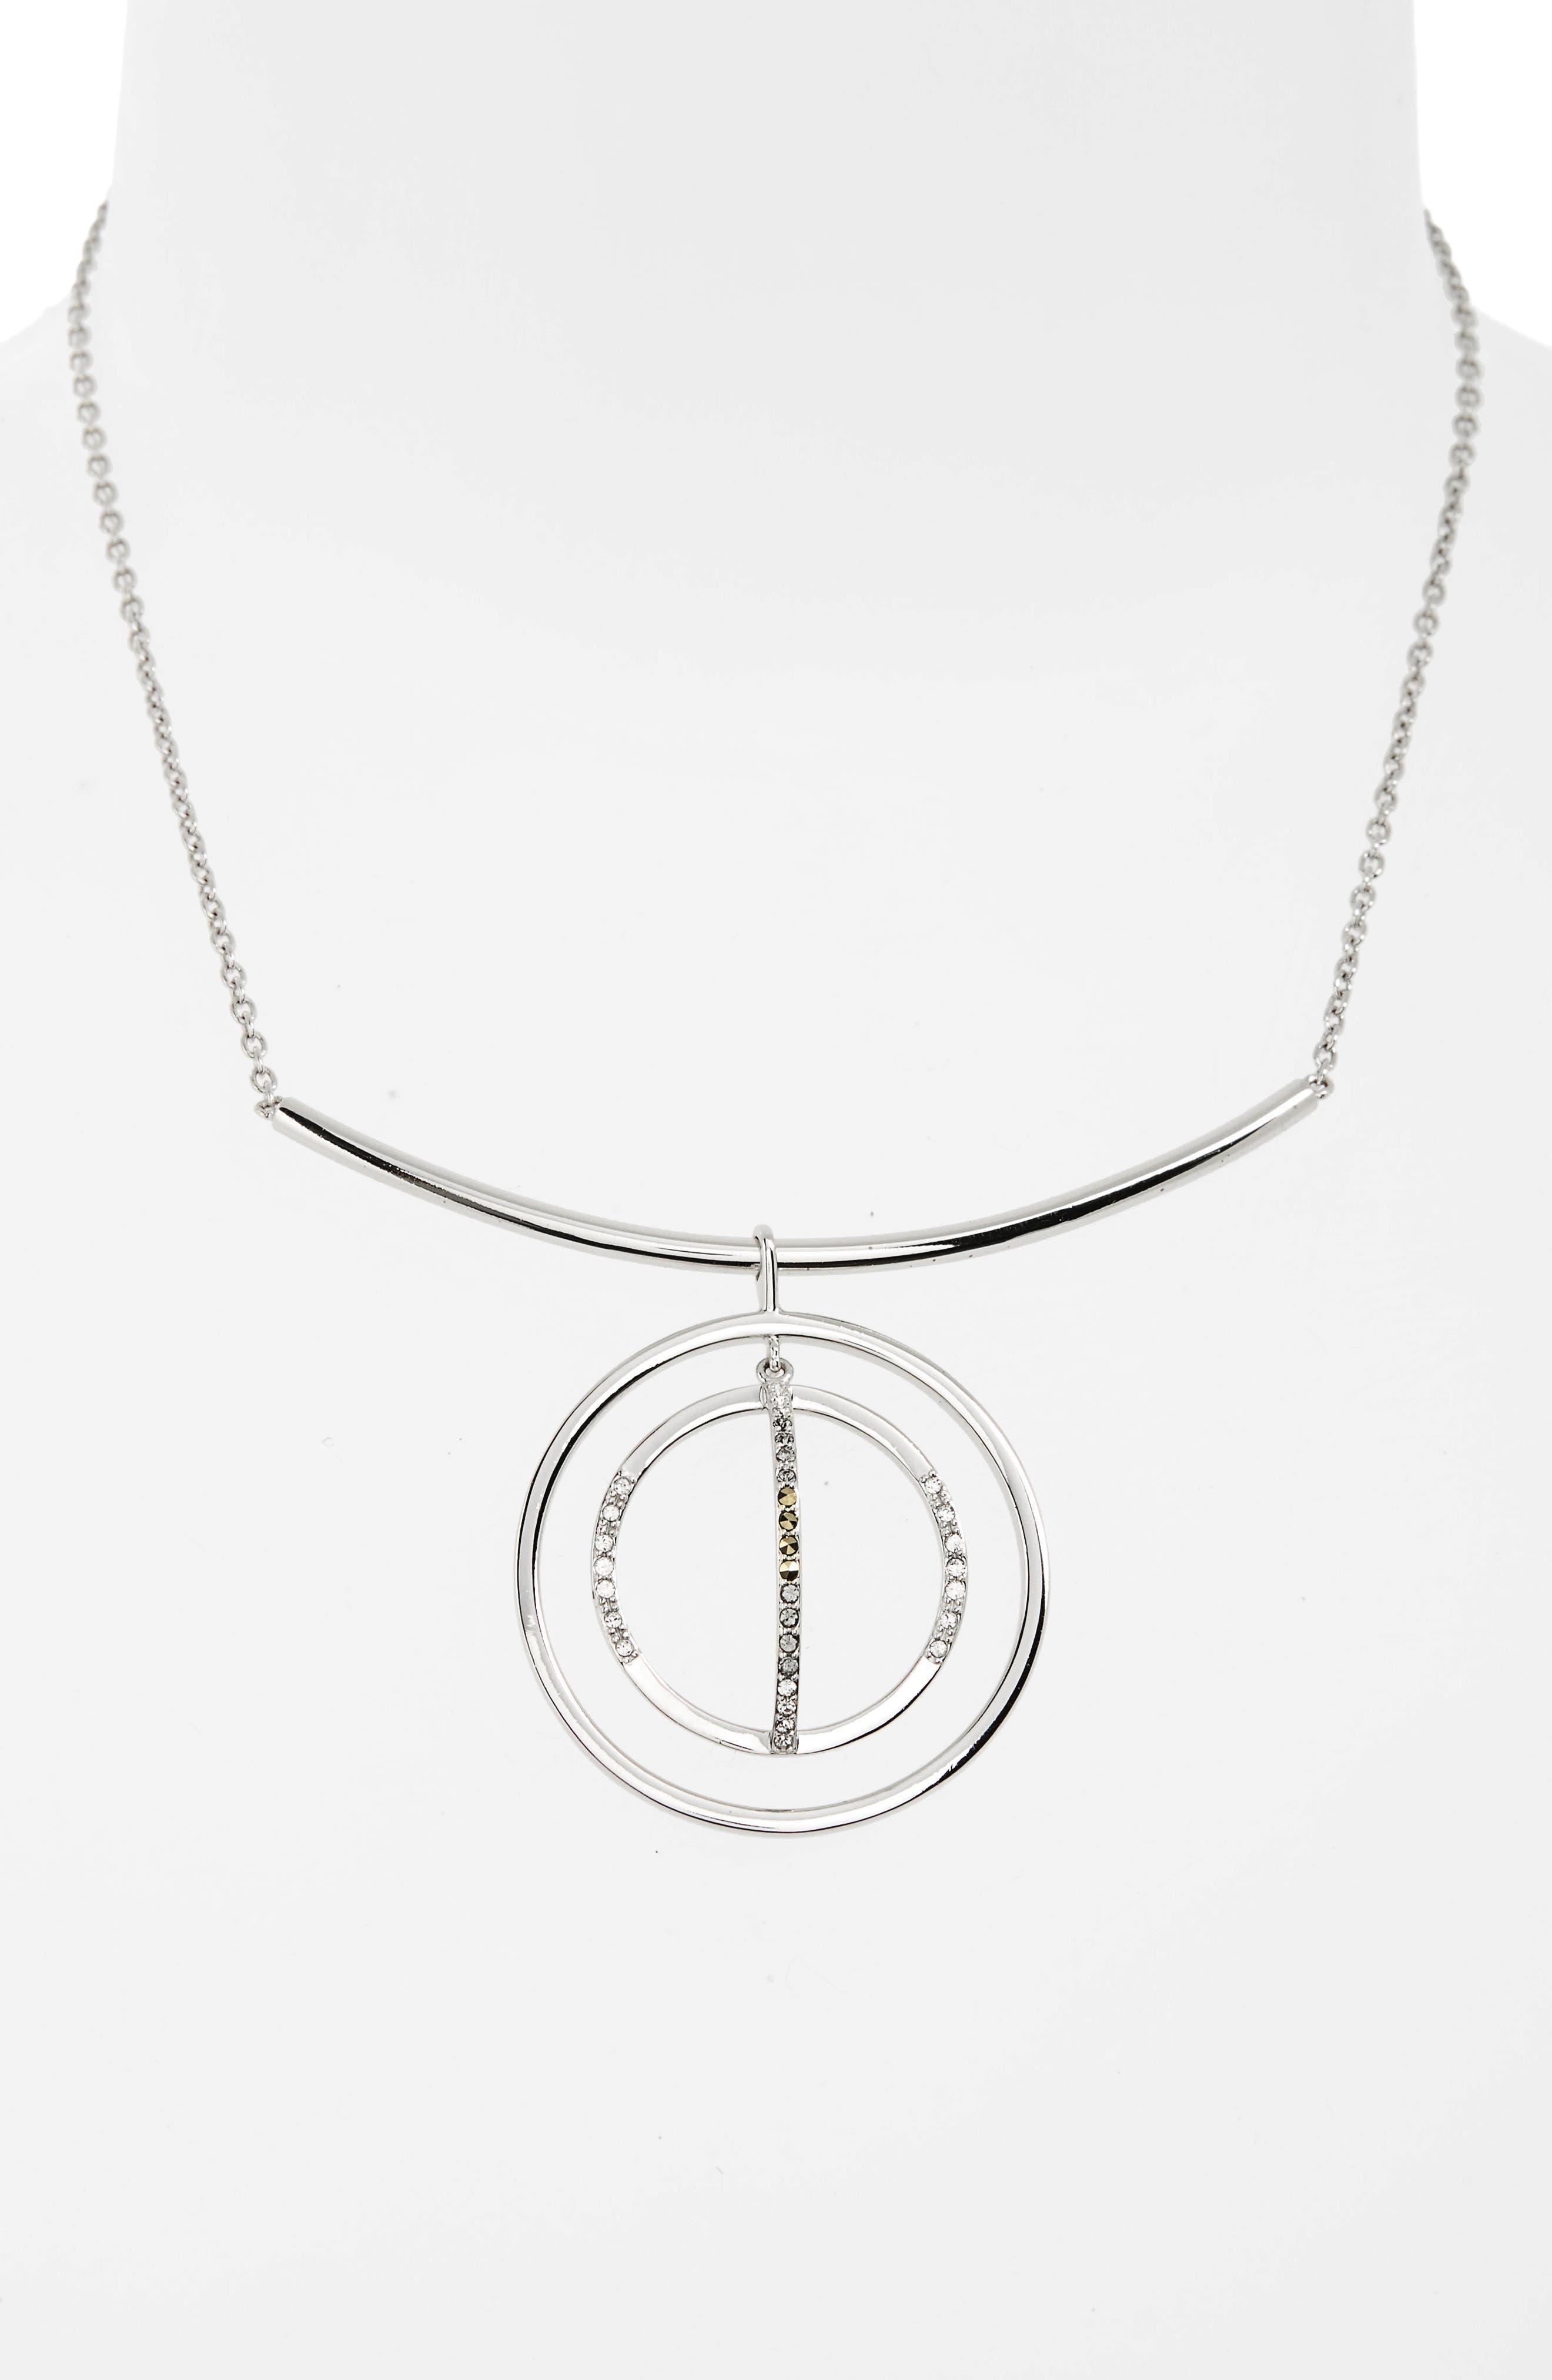 Silver Sparkle Circle Pendant Necklace,                             Alternate thumbnail 2, color,                             Black Diamond/ Marcasite